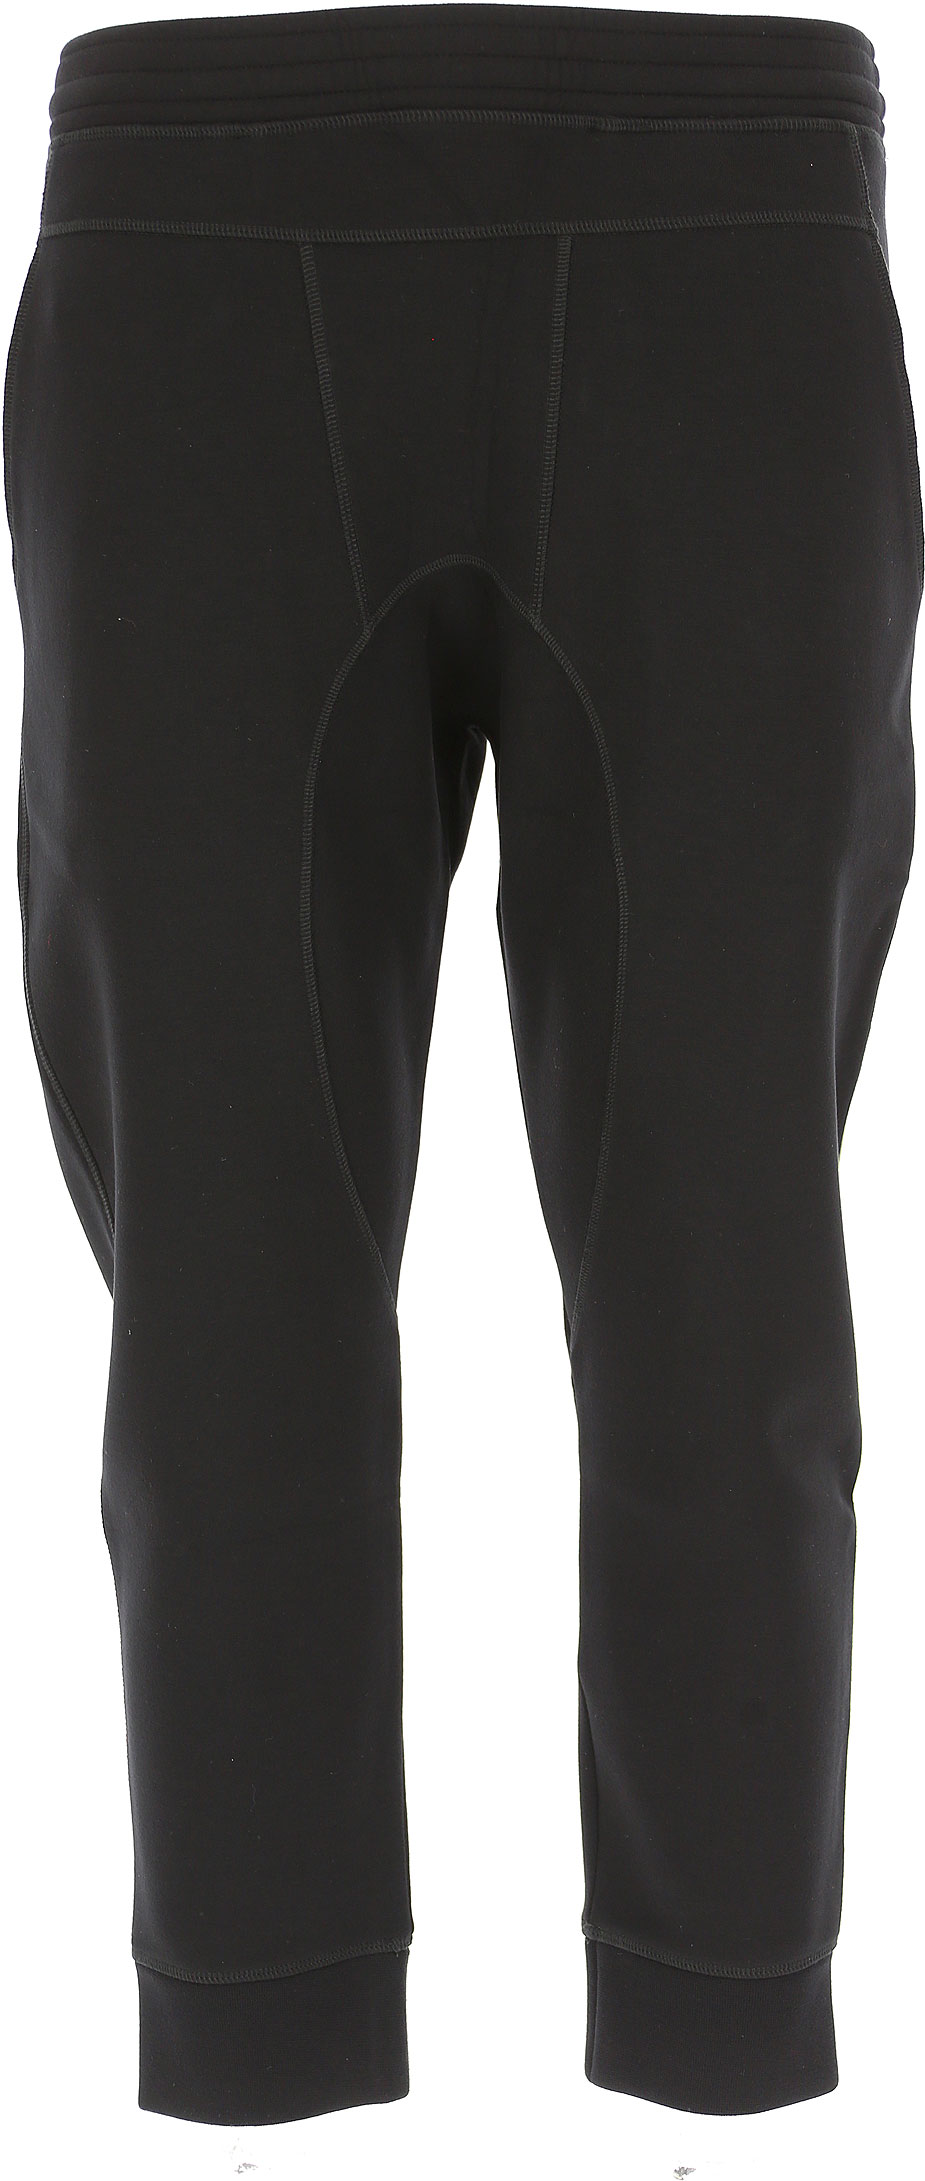 Abbigliamento Uomo Neil Barrett, Codice Articolo: pbjp366vh-h5010-